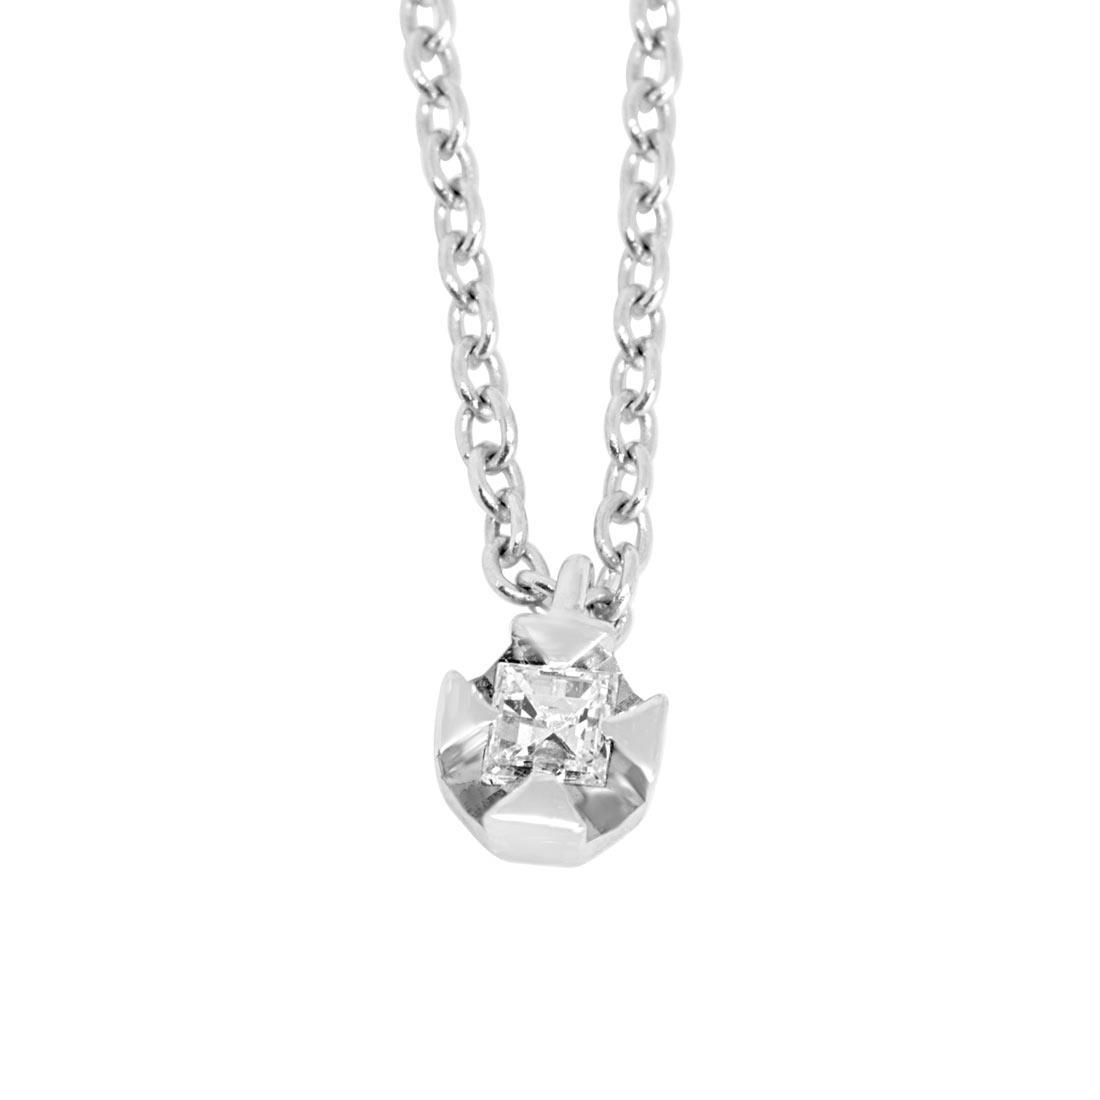 Collier punto luce in oro bianco con diamante ct 0.04  lunghezza 42 cm - ORO&CO